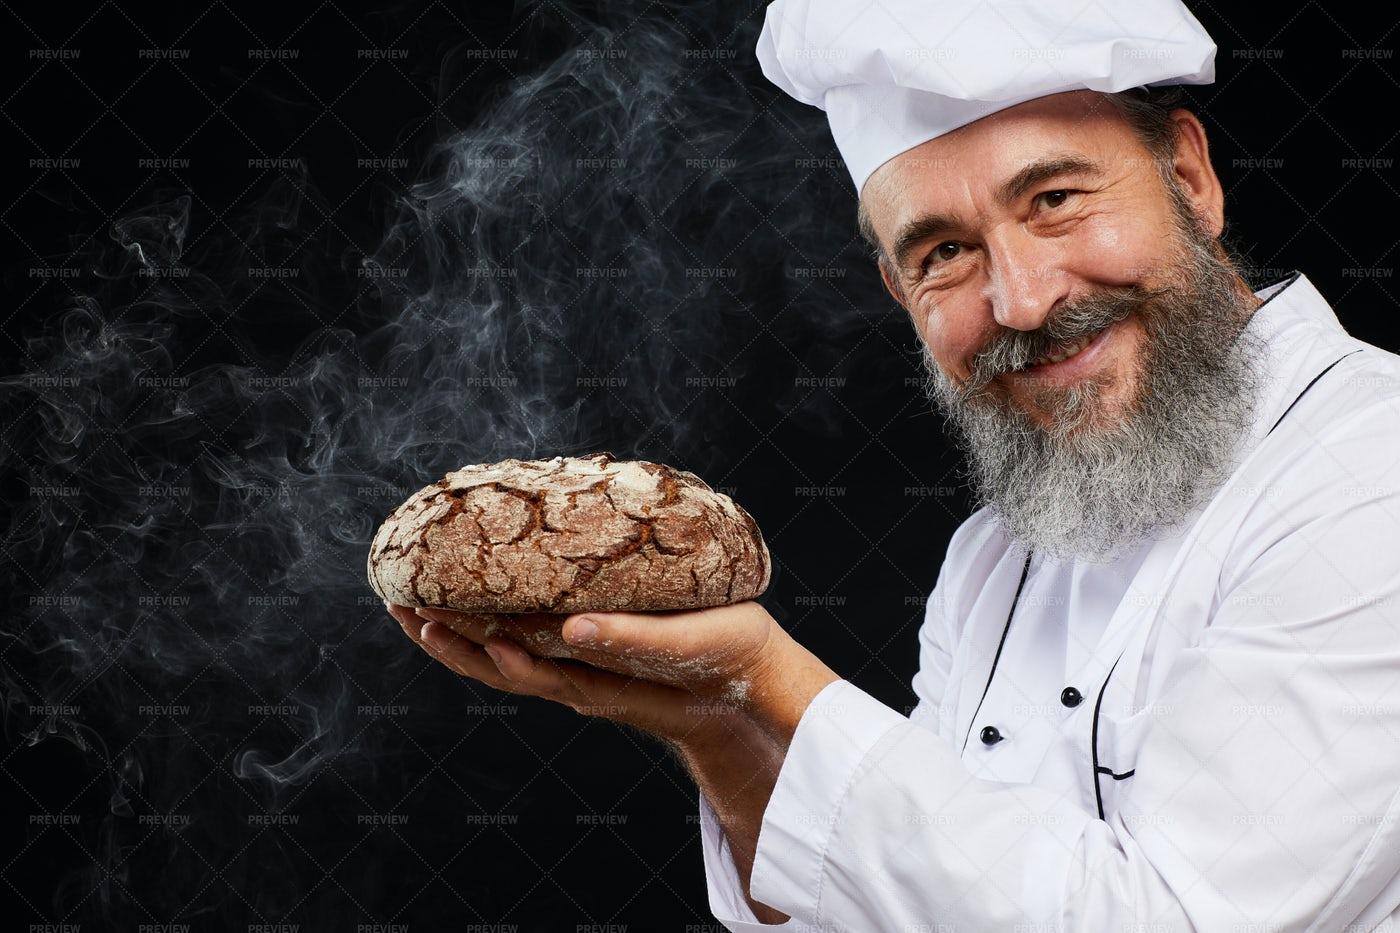 Smiling Baker Holding Fresh Bread...: Stock Photos